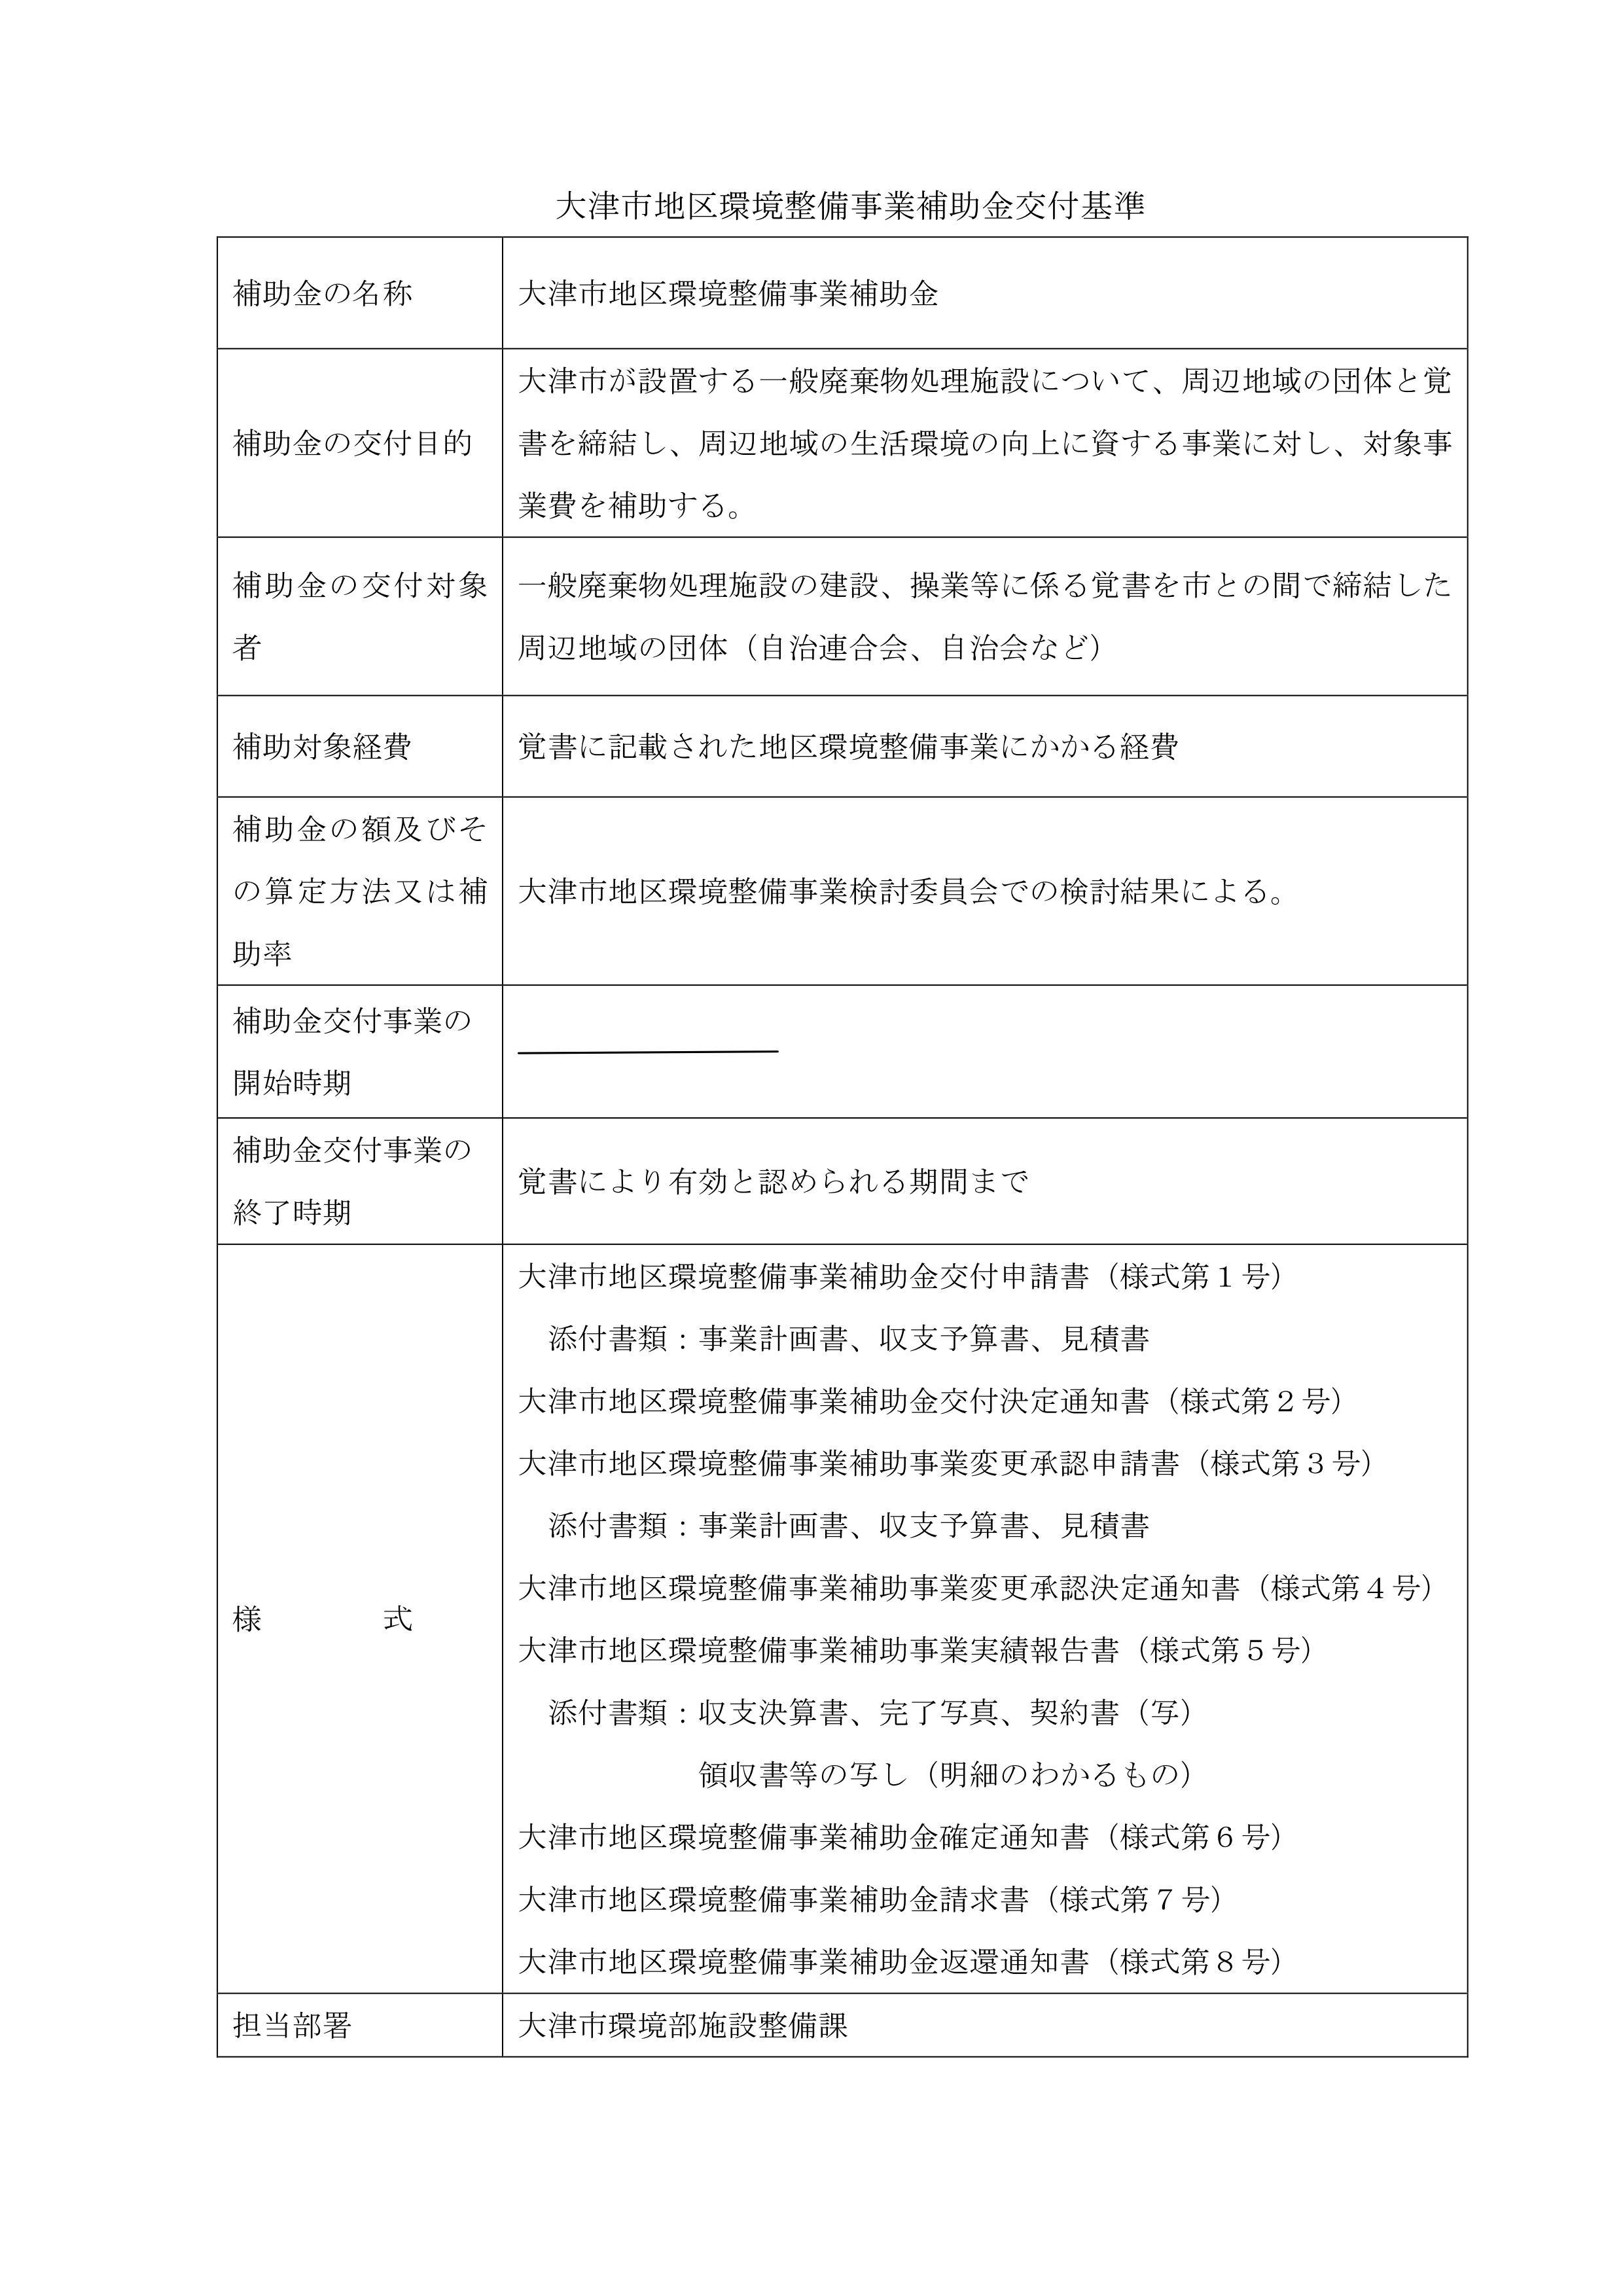 大津市地区環境整備事業補助金交付基準_01